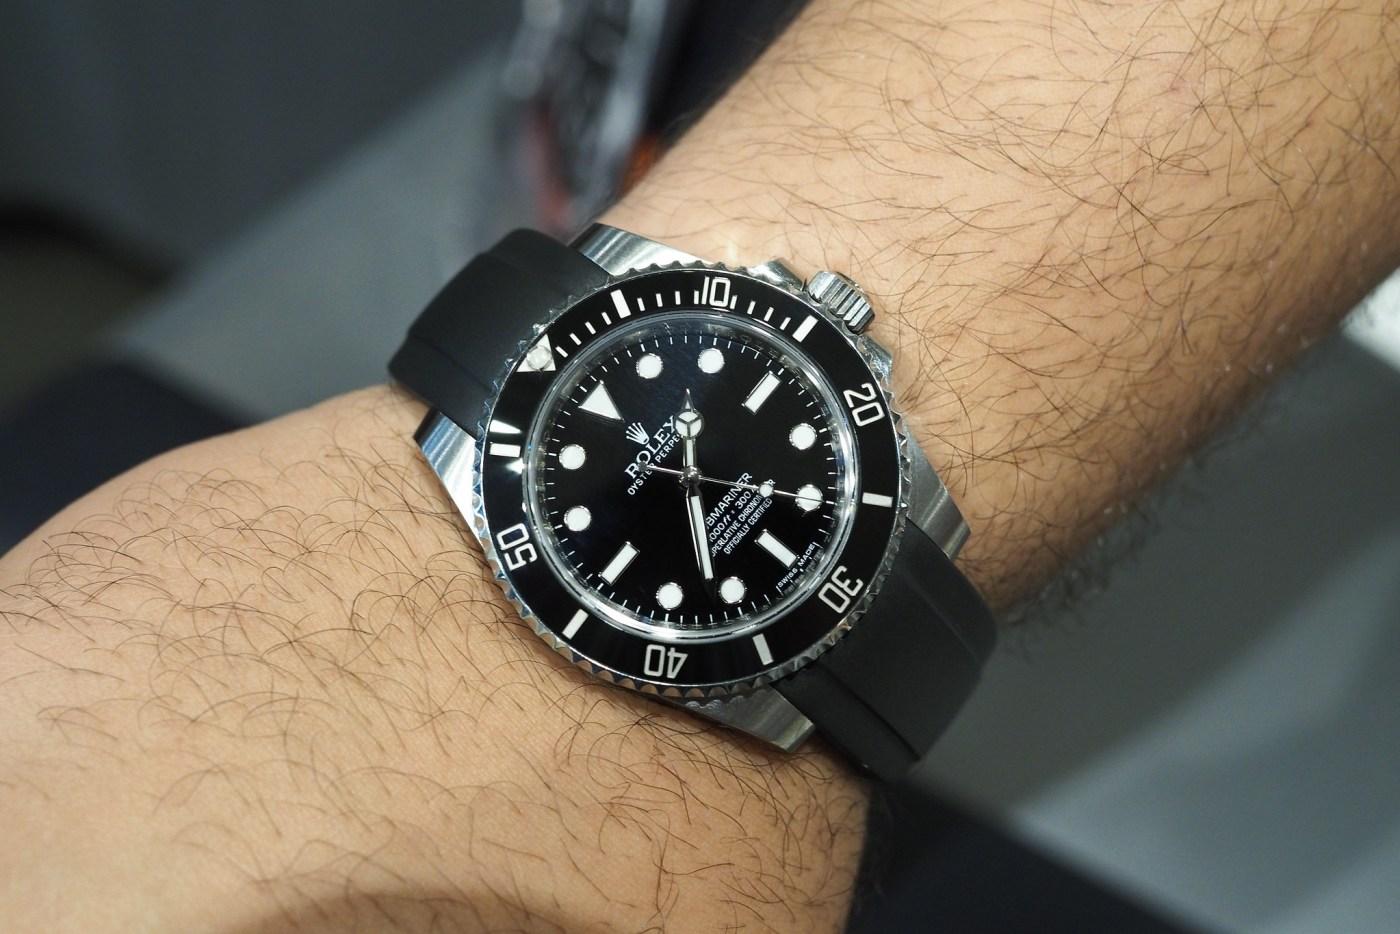 Everest Rubber Watch Strap on Rolex Submariner